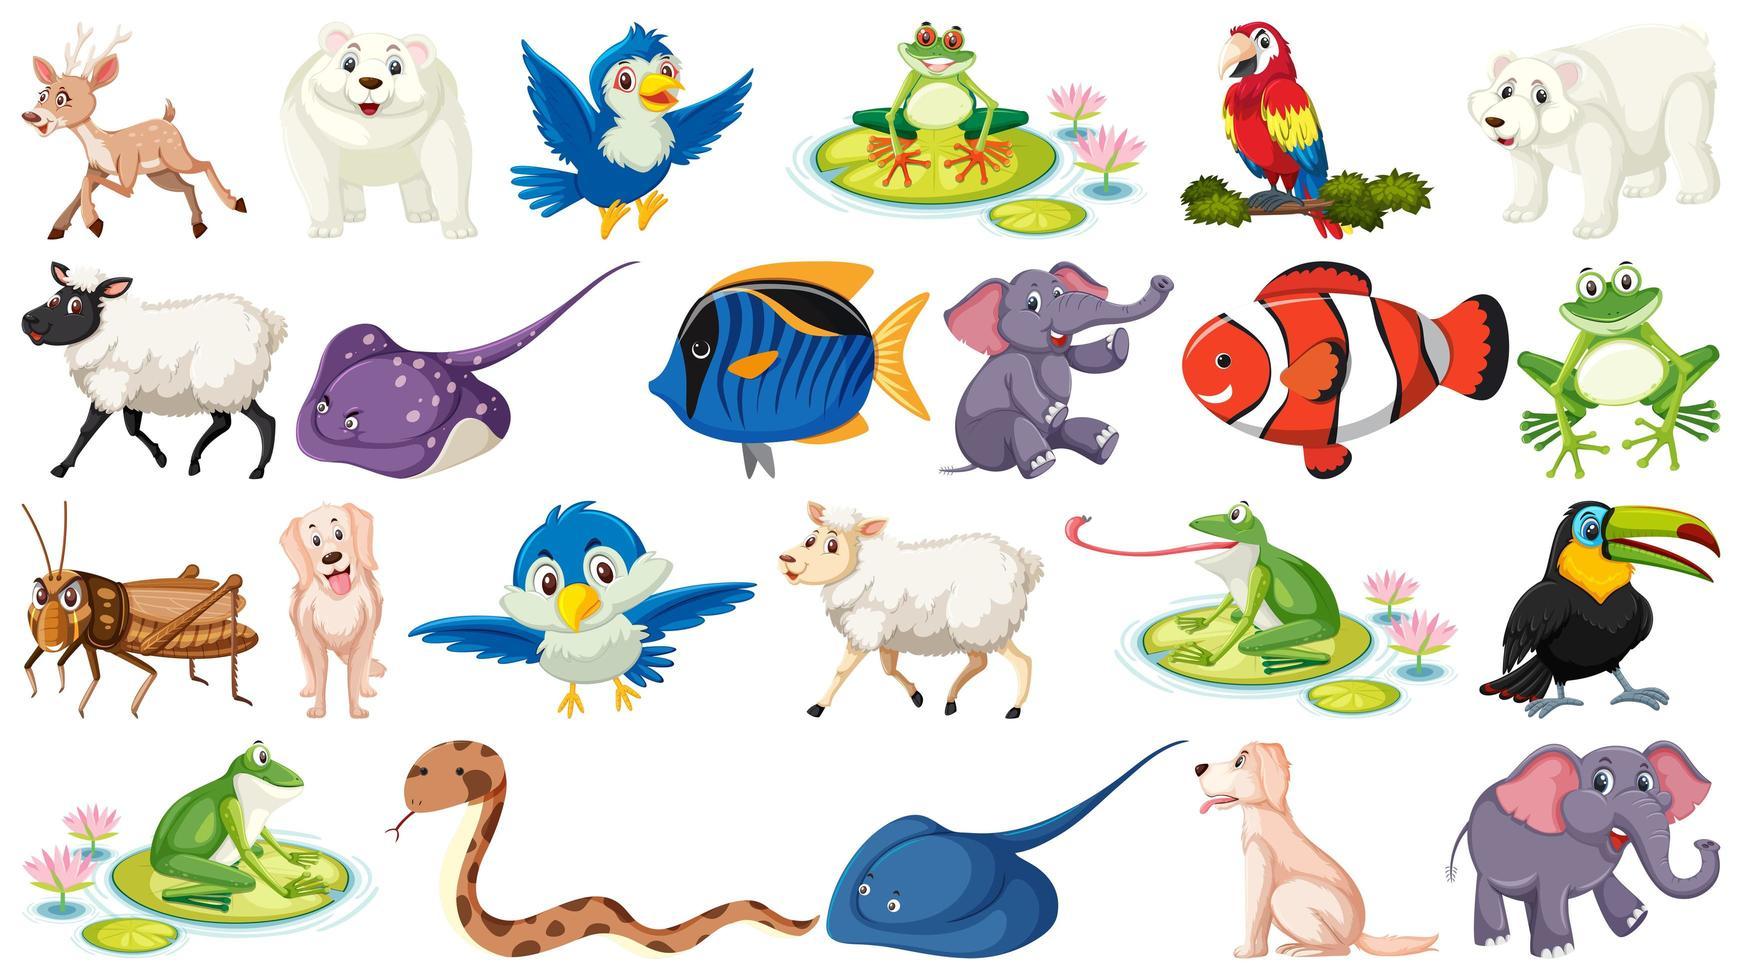 conjunto de dibujos animados iish y animales salvajes - Descargar ...